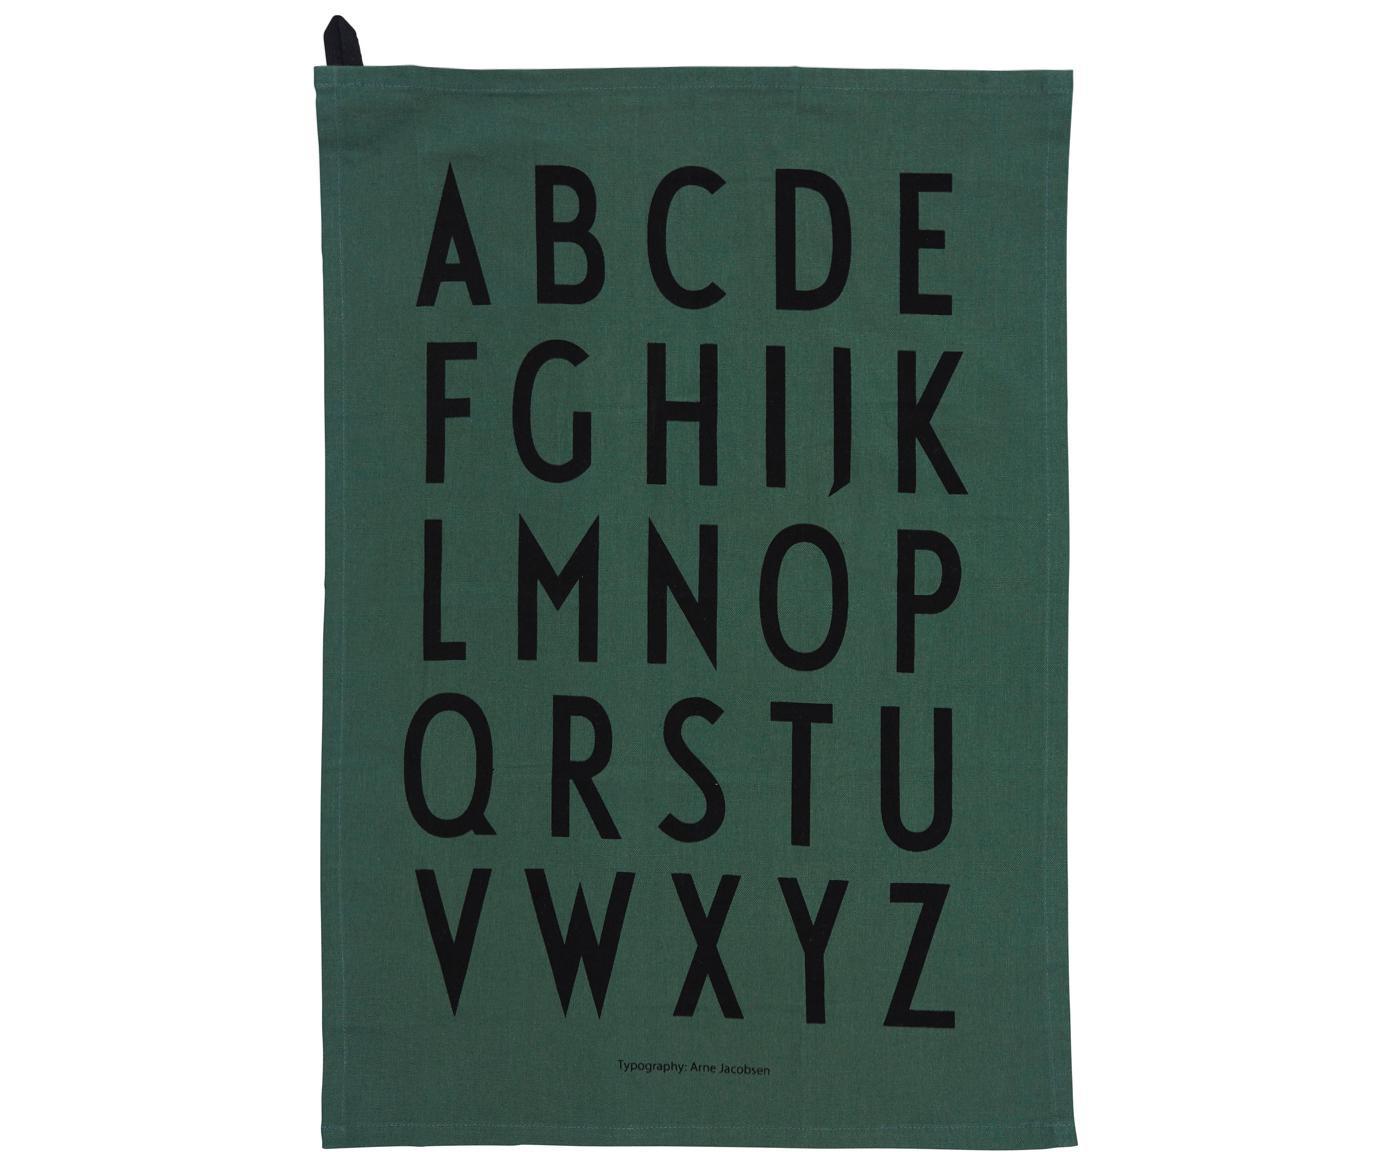 Geschirrtücher Classic in Grün mit Designletters, 2 Stück, Baumwolle, Grün, Schwarz, 40 x 60 cm